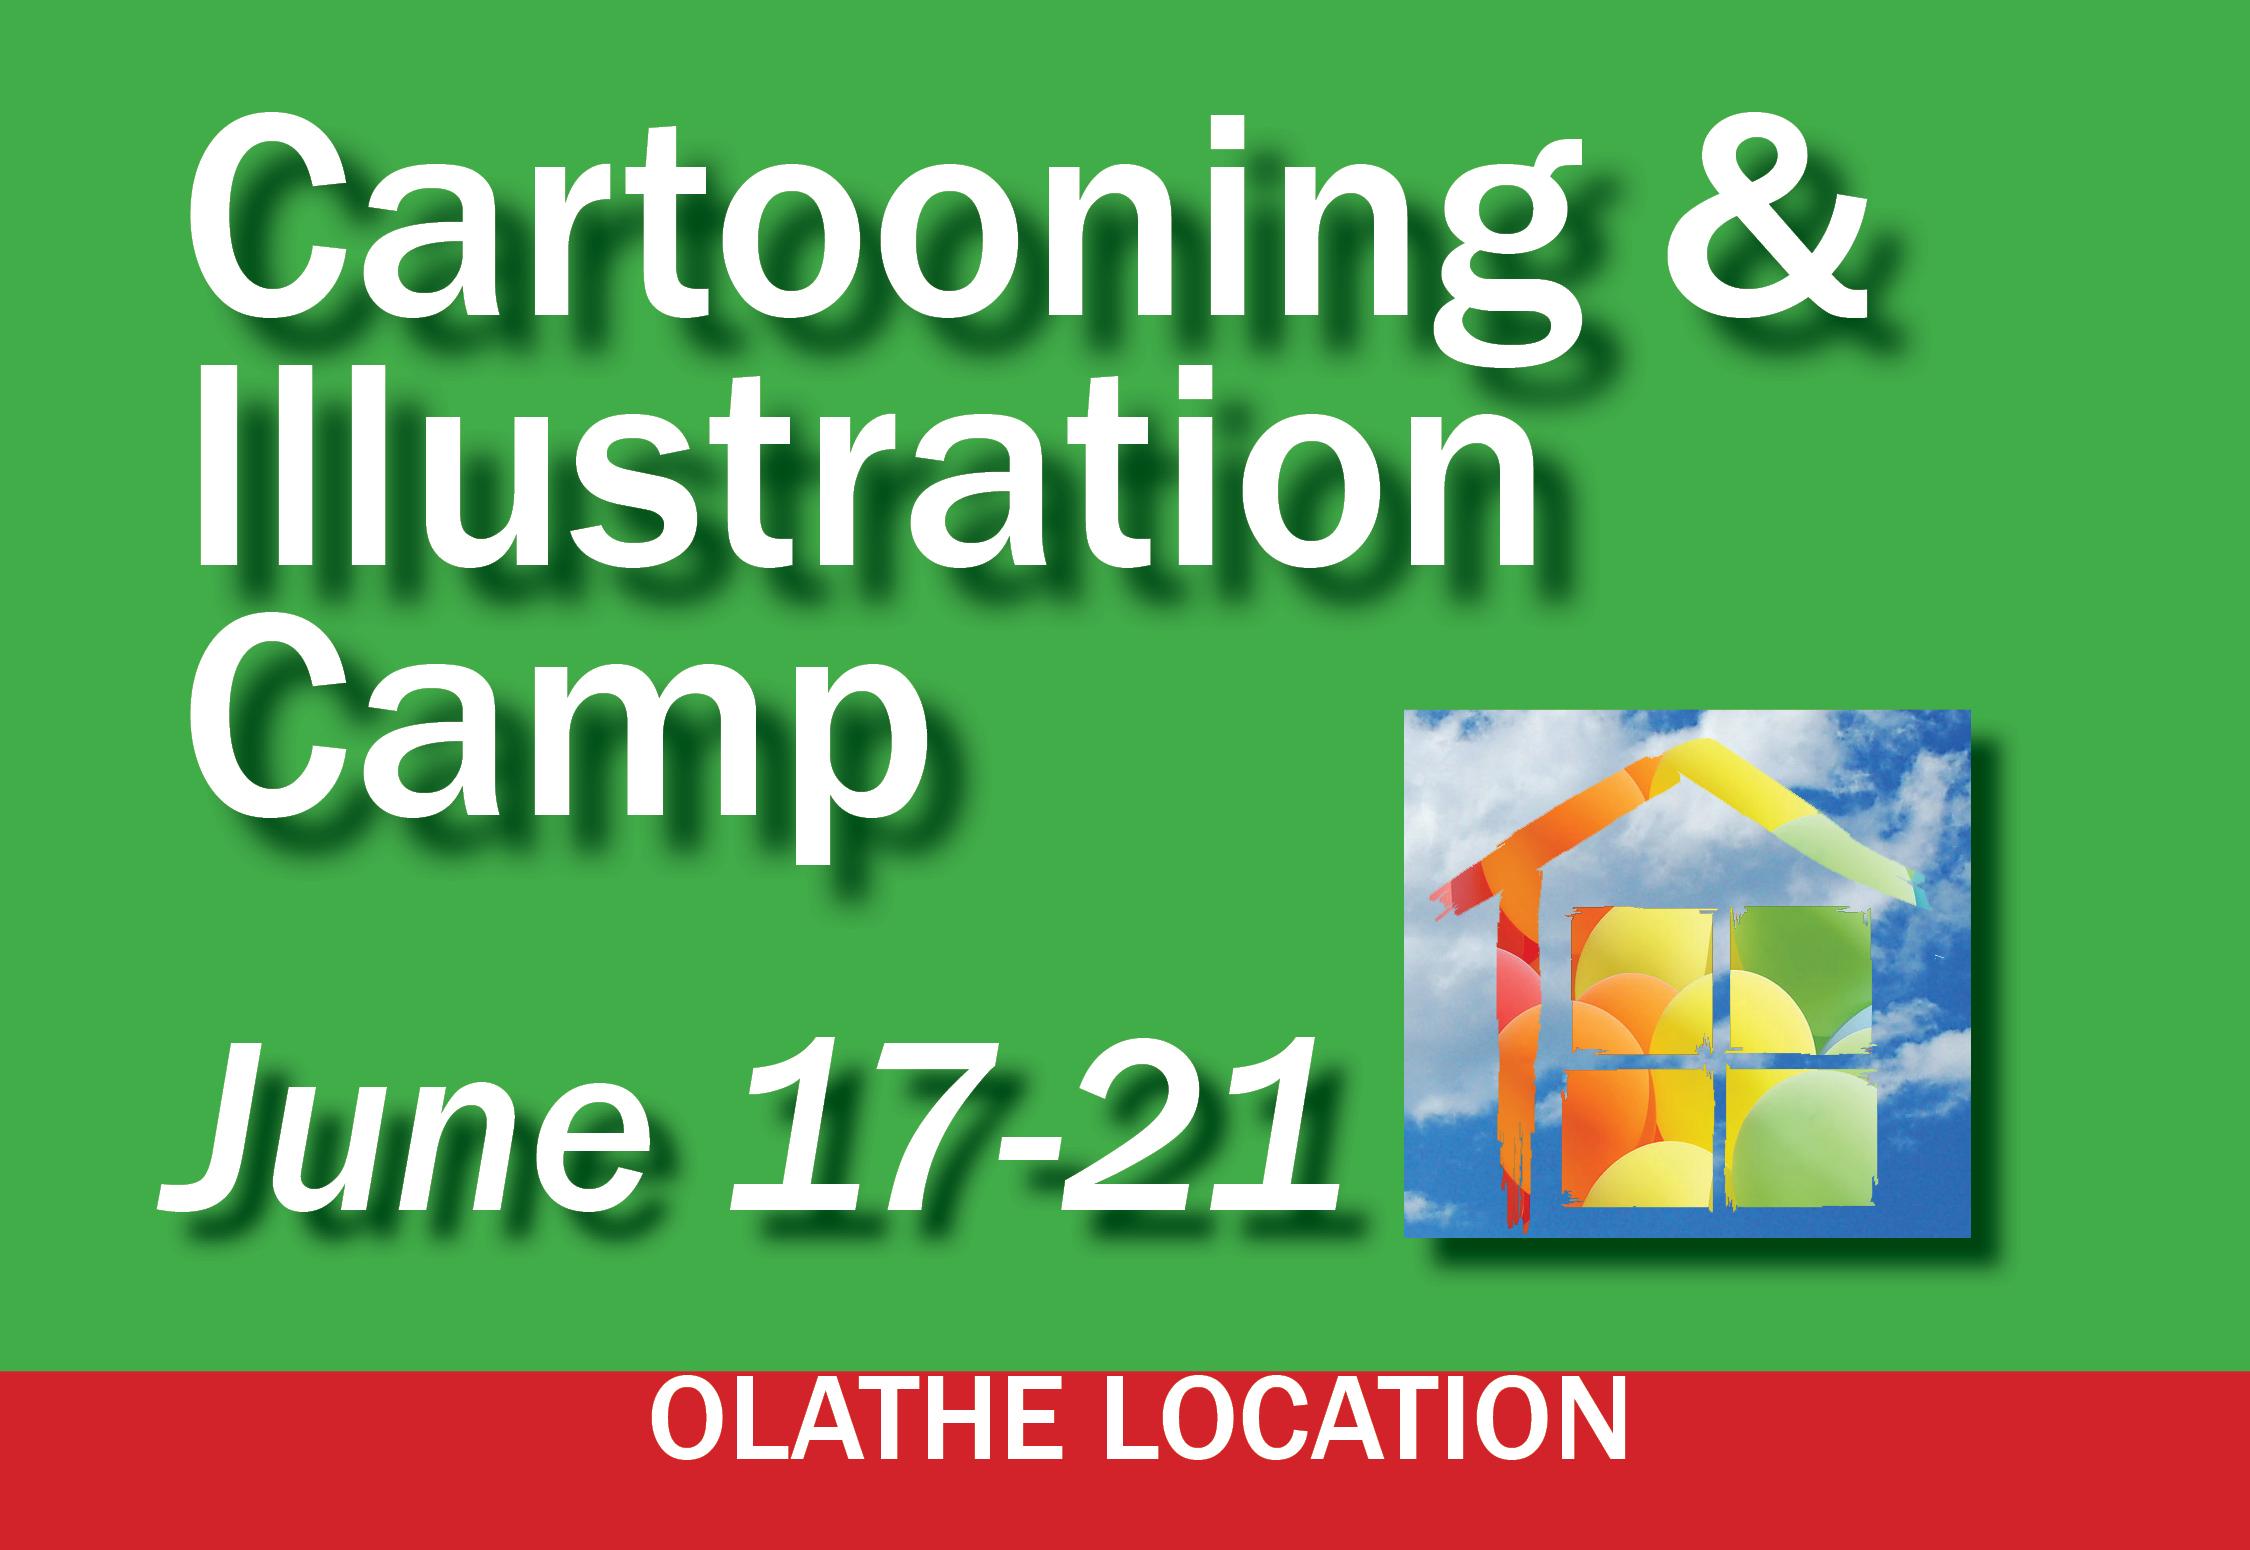 Cartooning & Illustration Camp icon.jpg